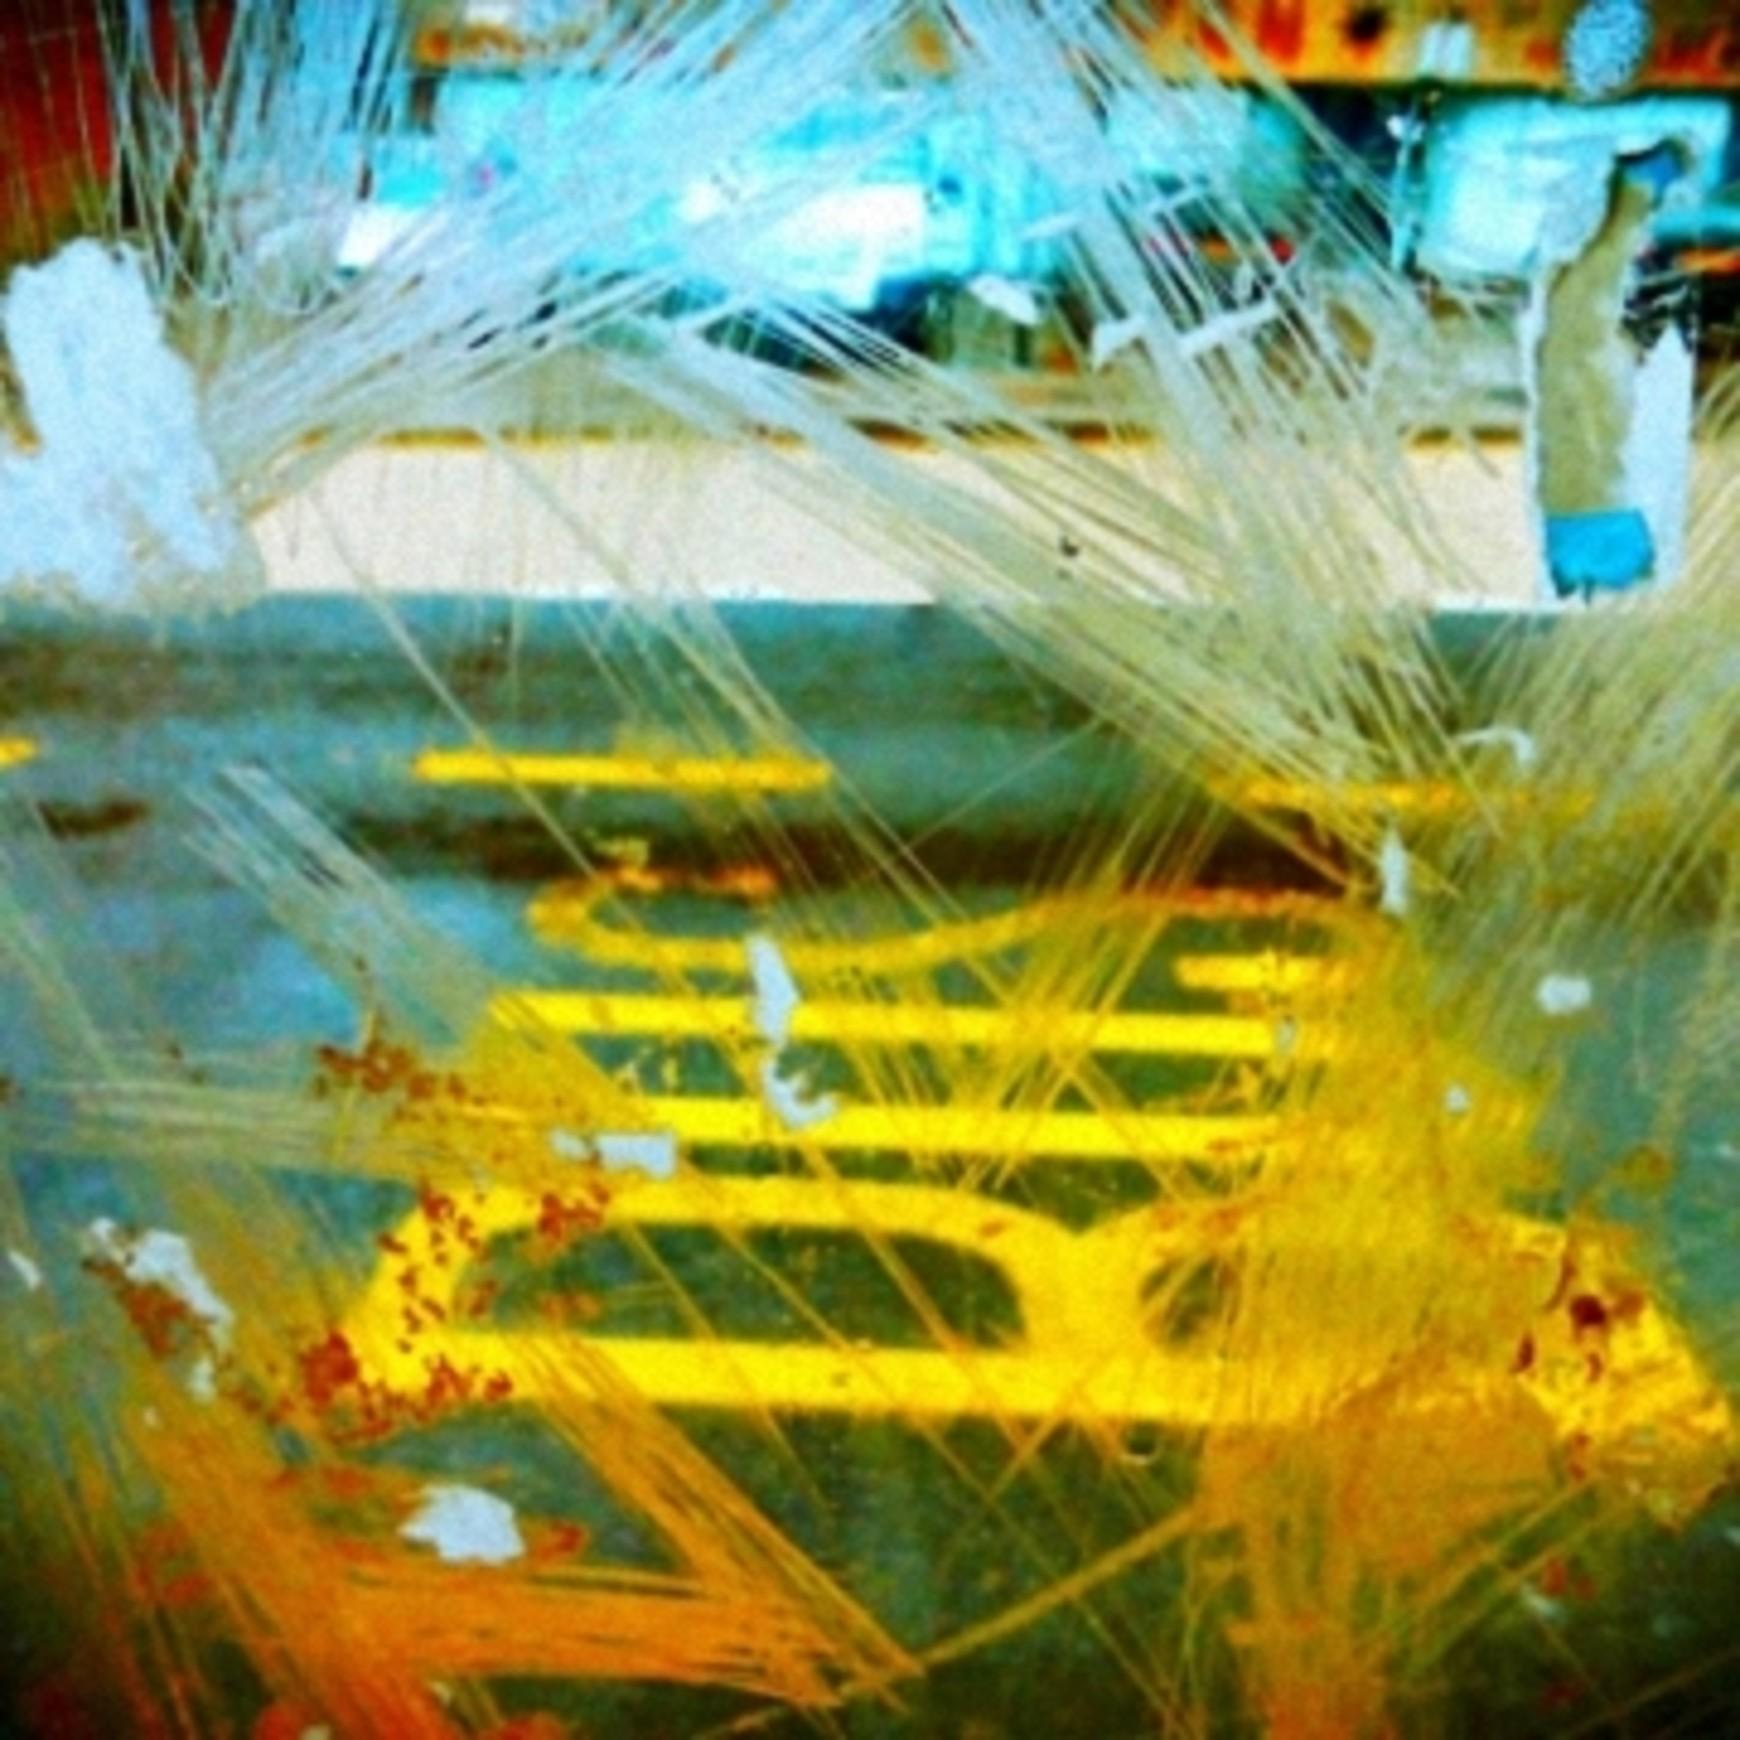 Bus Stop, il progetto anti-fotografico di Stephen Calcutt | Collater.al 9